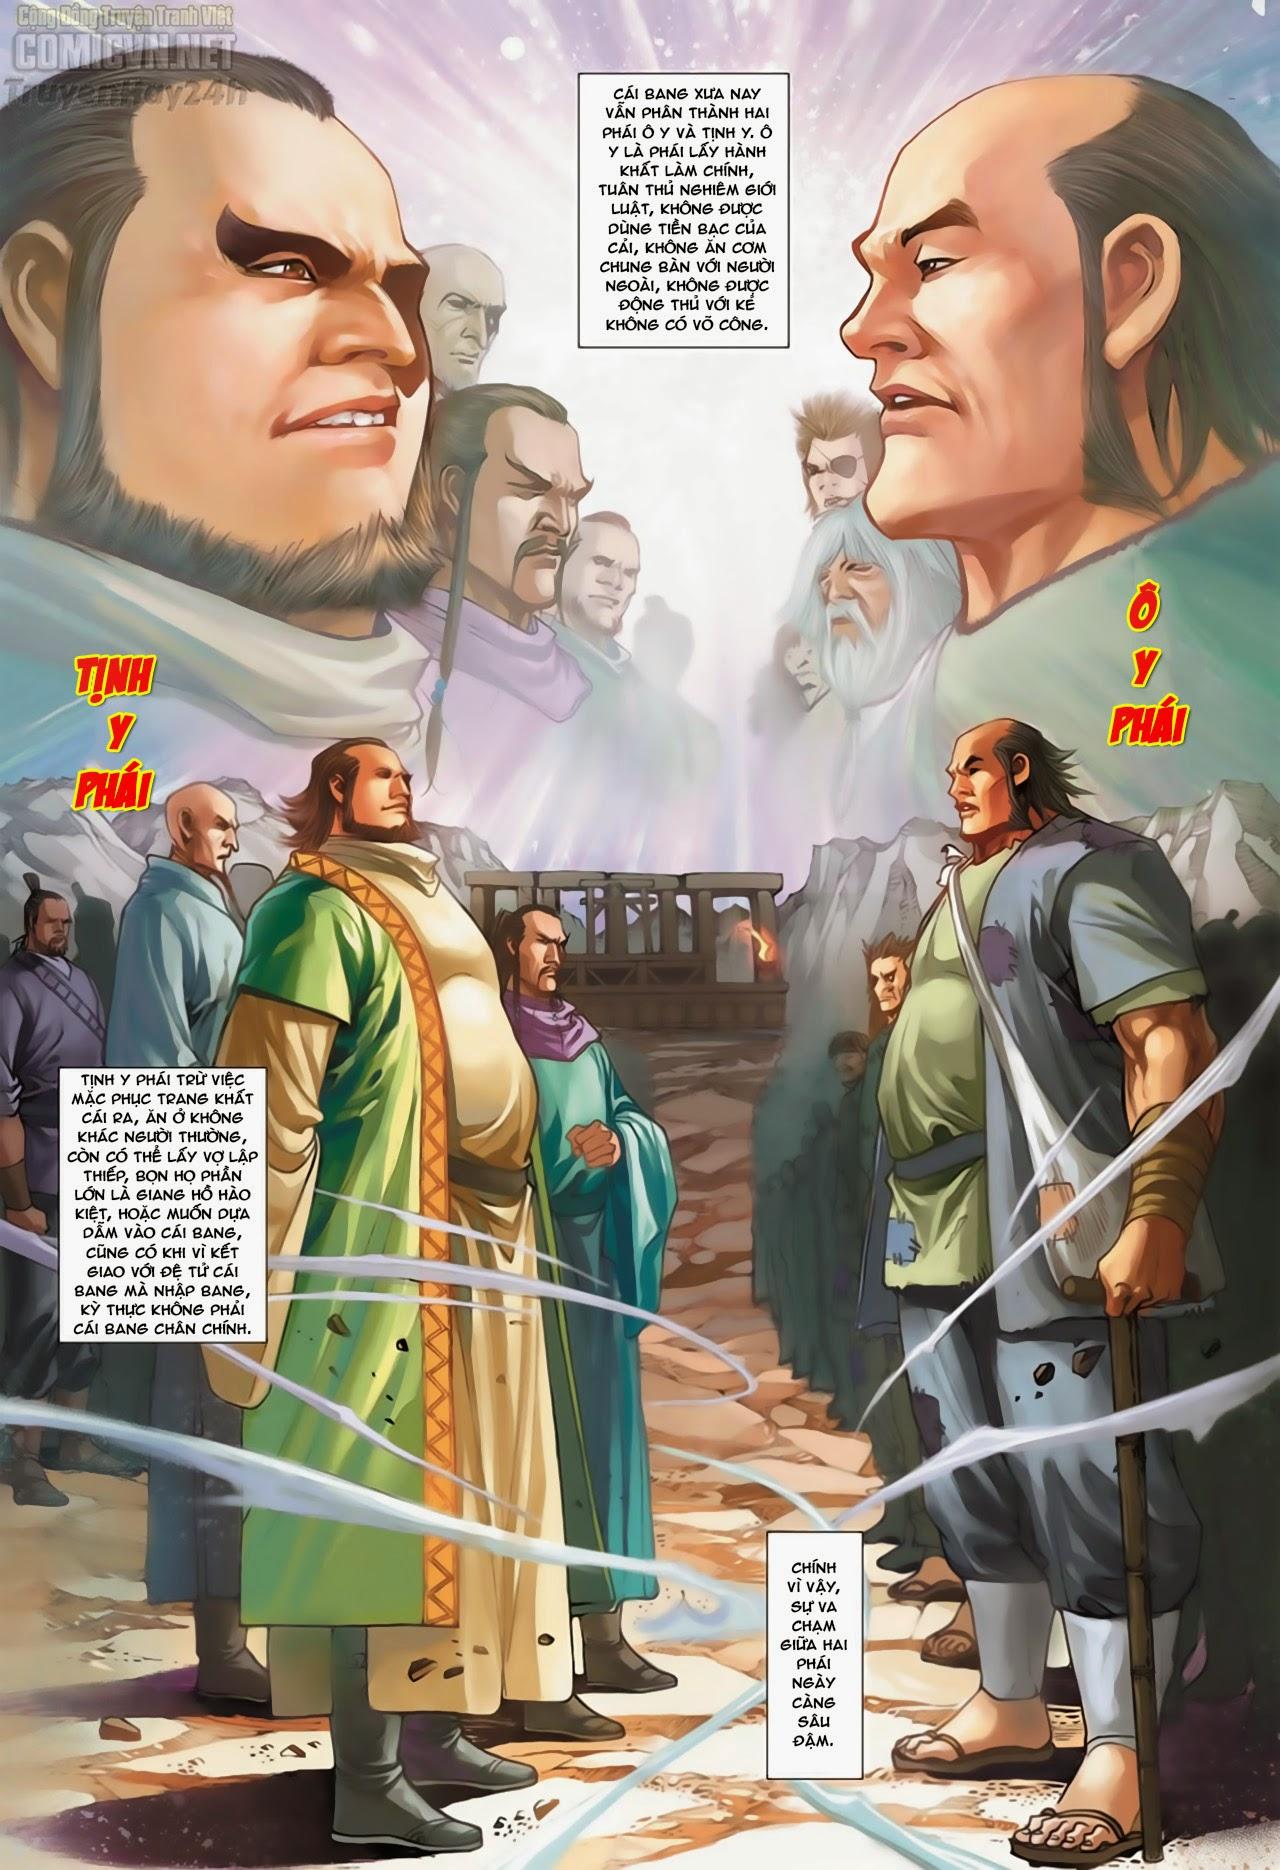 Anh Hùng Xạ Điêu anh hùng xạ đêu chap 66: nhạc châu đại hội trang 3